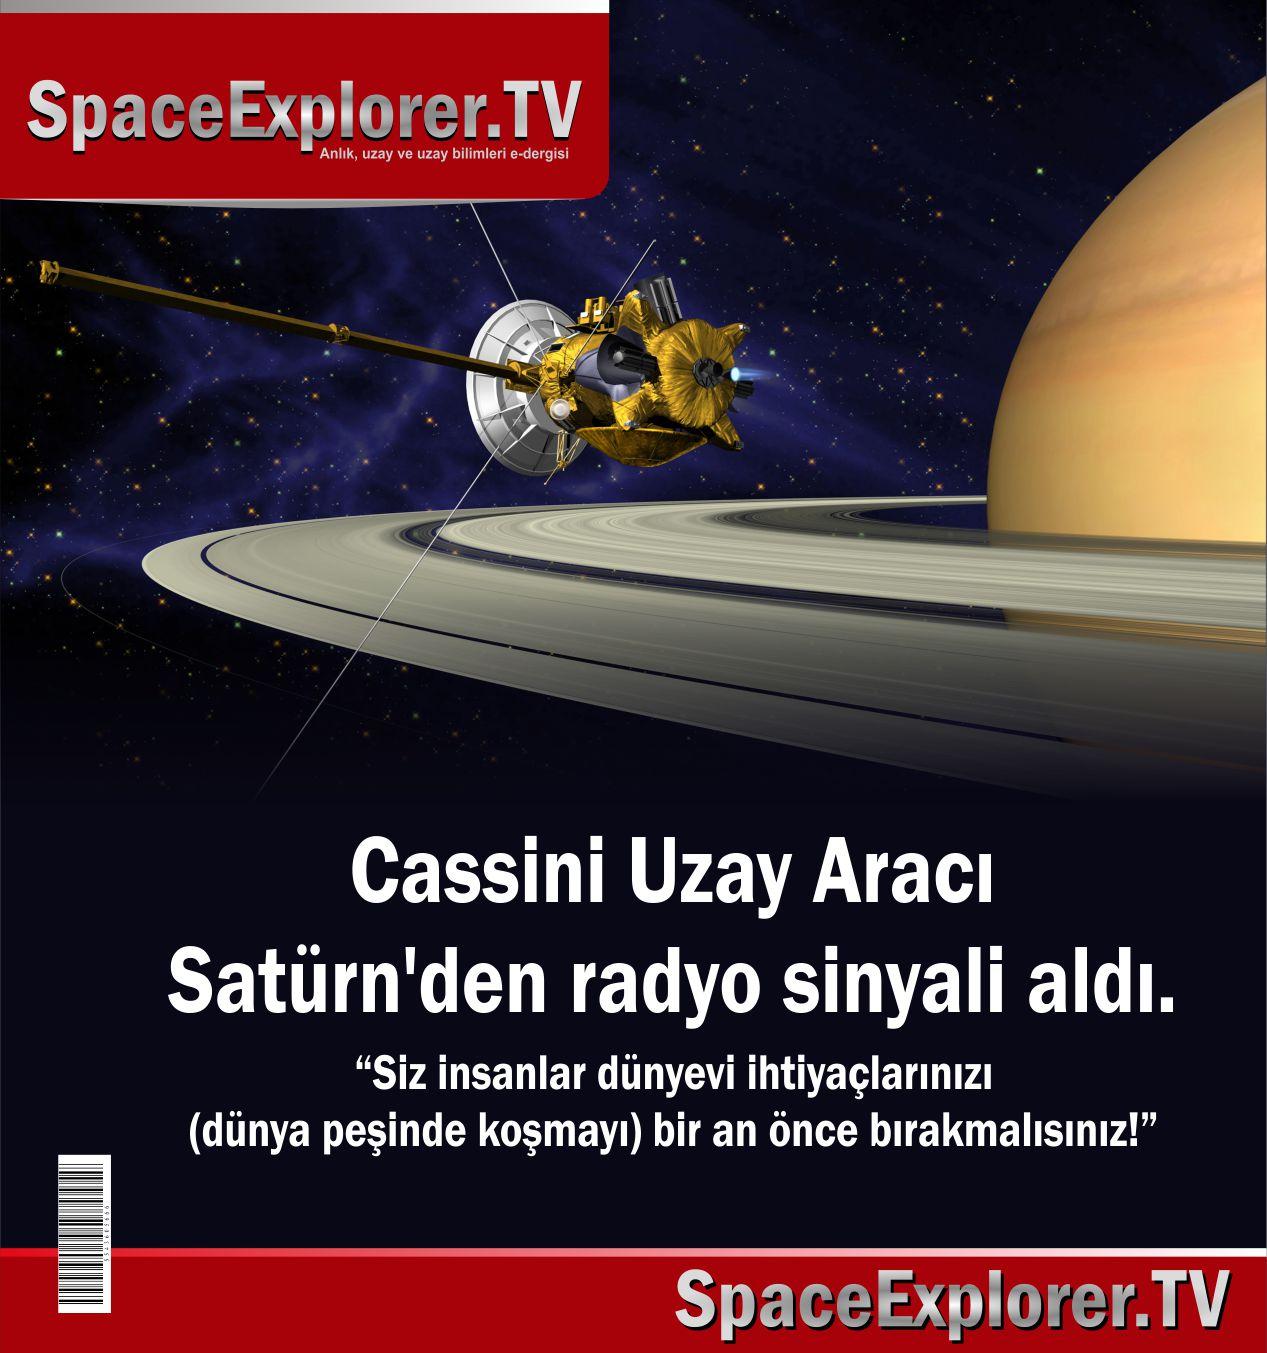 NASA, Cassini uzay aracı, Uzay araçları, Gizemli mesajlar, Gizemli sinyaller, Uzaydan toplanan sinyaller, Satürn, Satürn'ün uyduları, Uzayda hayat var mı?, Satürn'de hayat var mı,